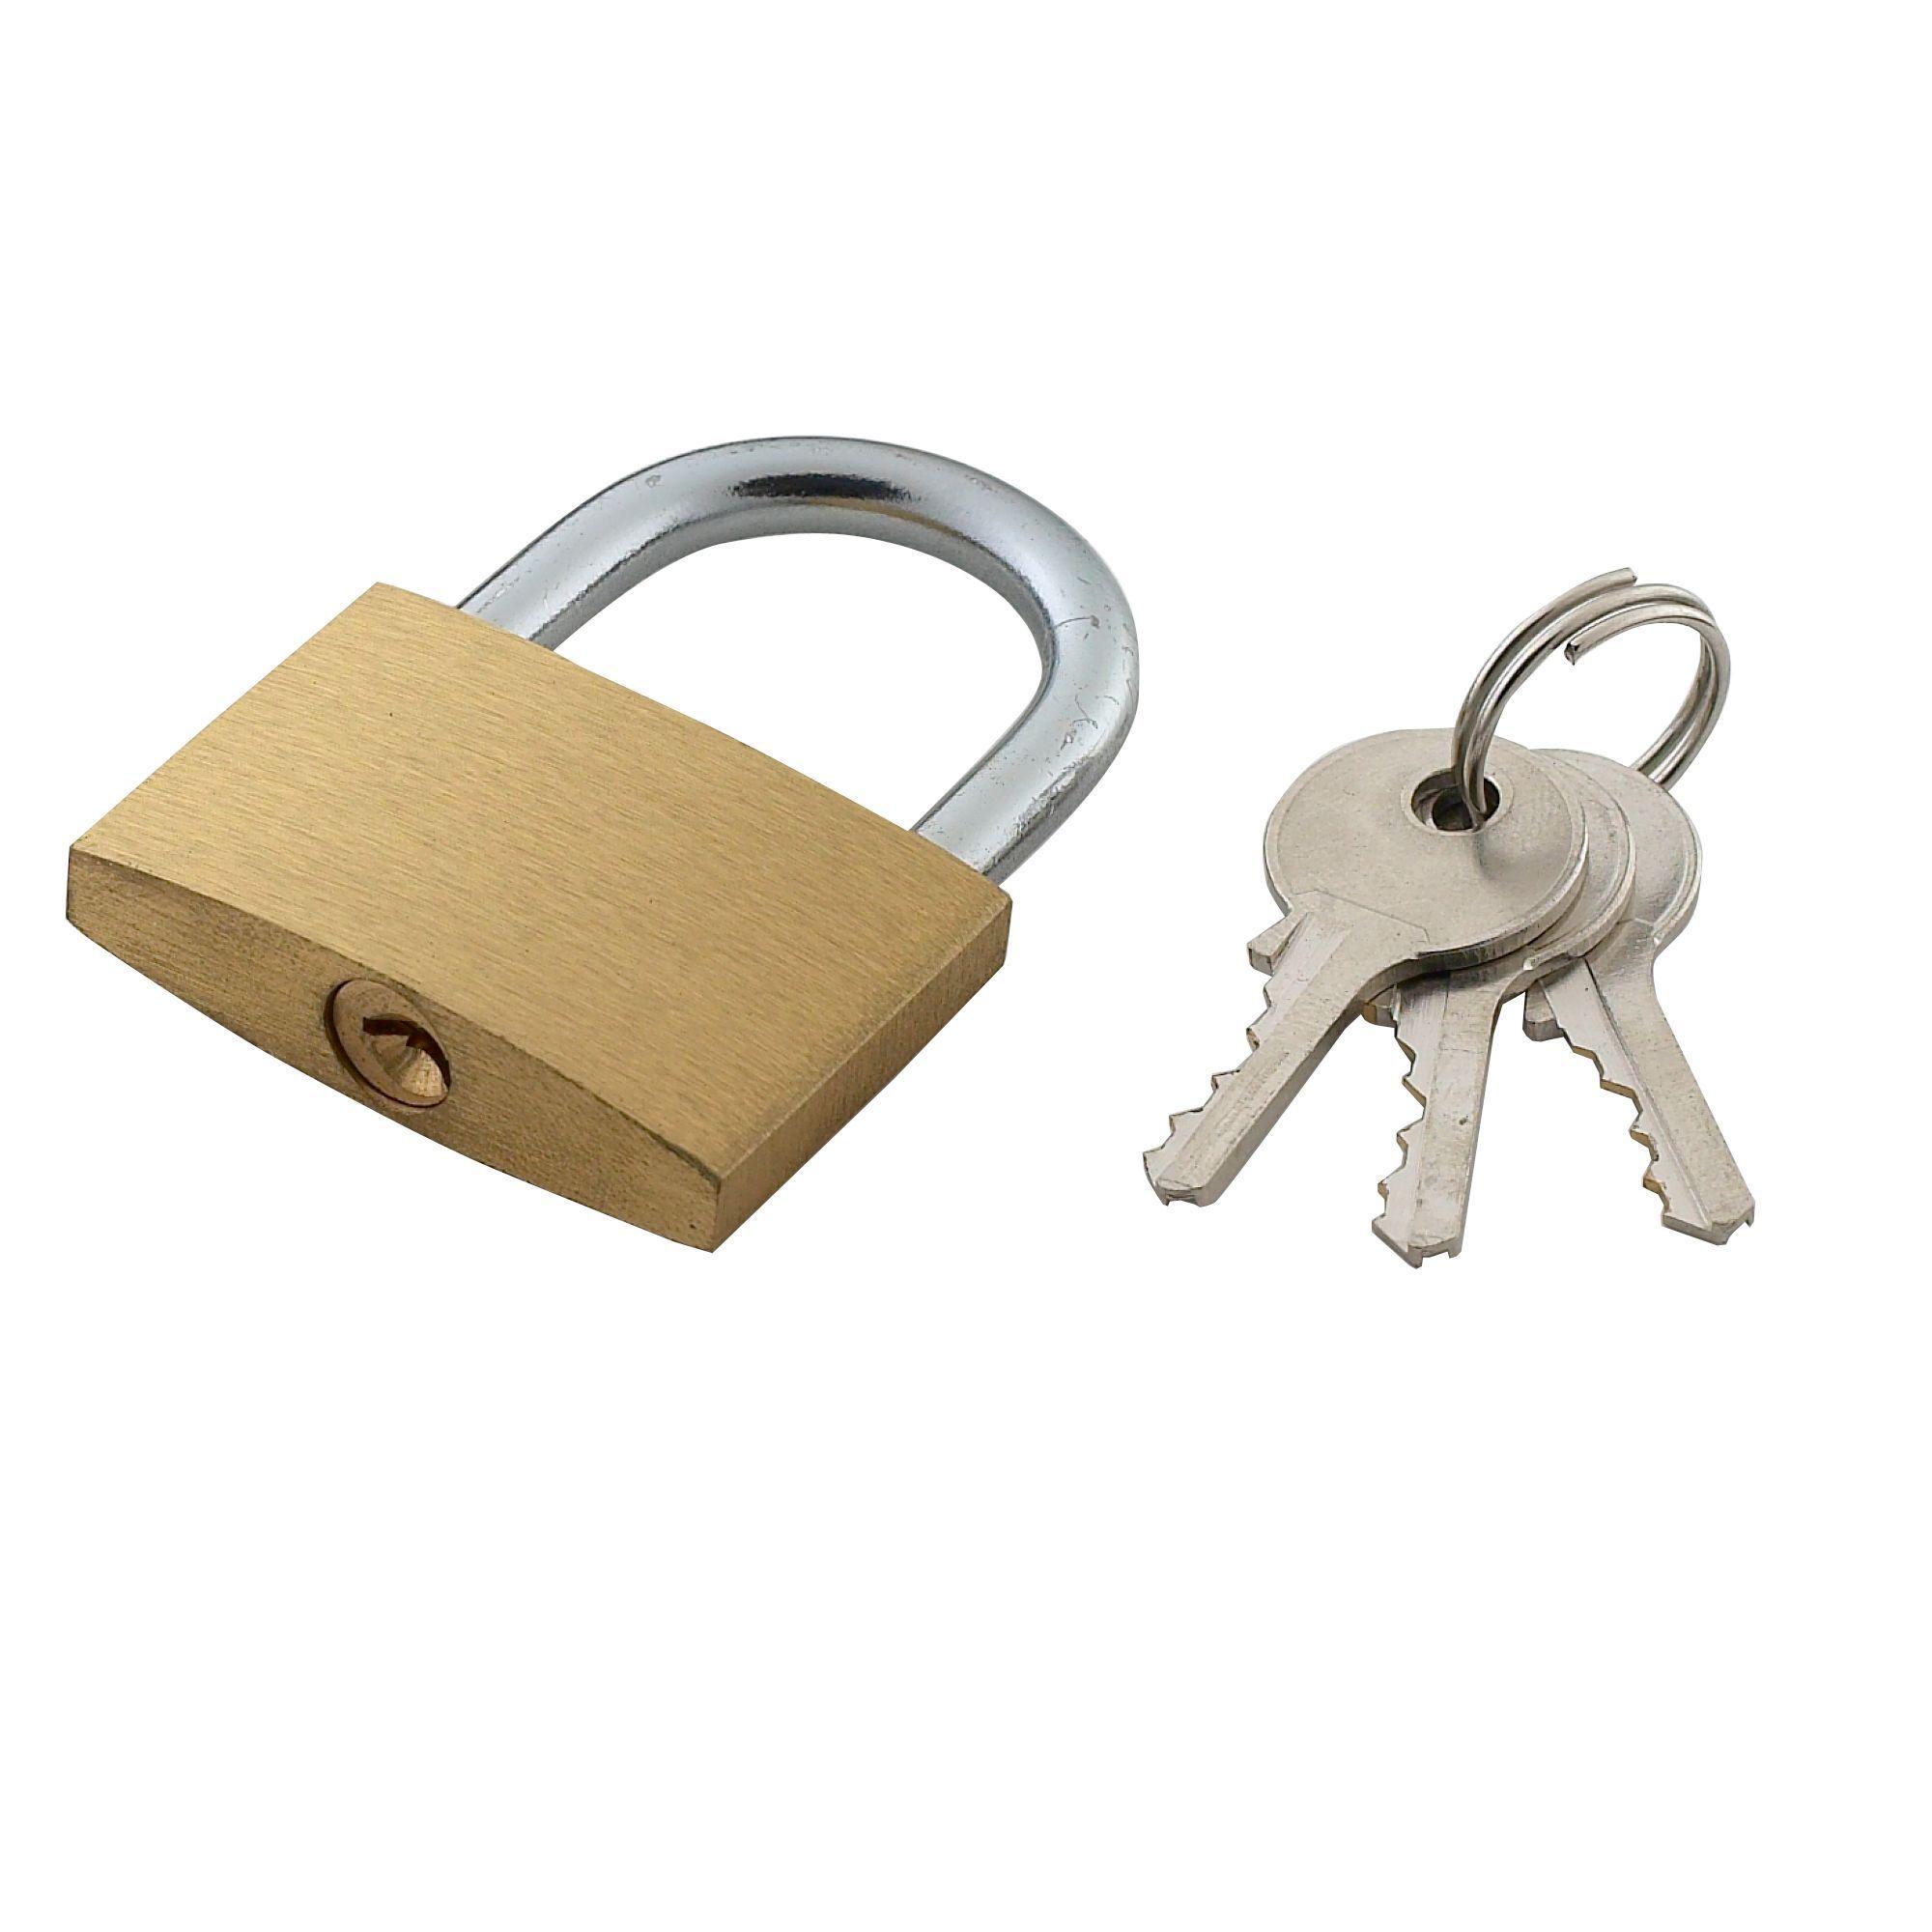 Brass & Steel Pin Tumbler Open Shackle Padlock (w)40mm